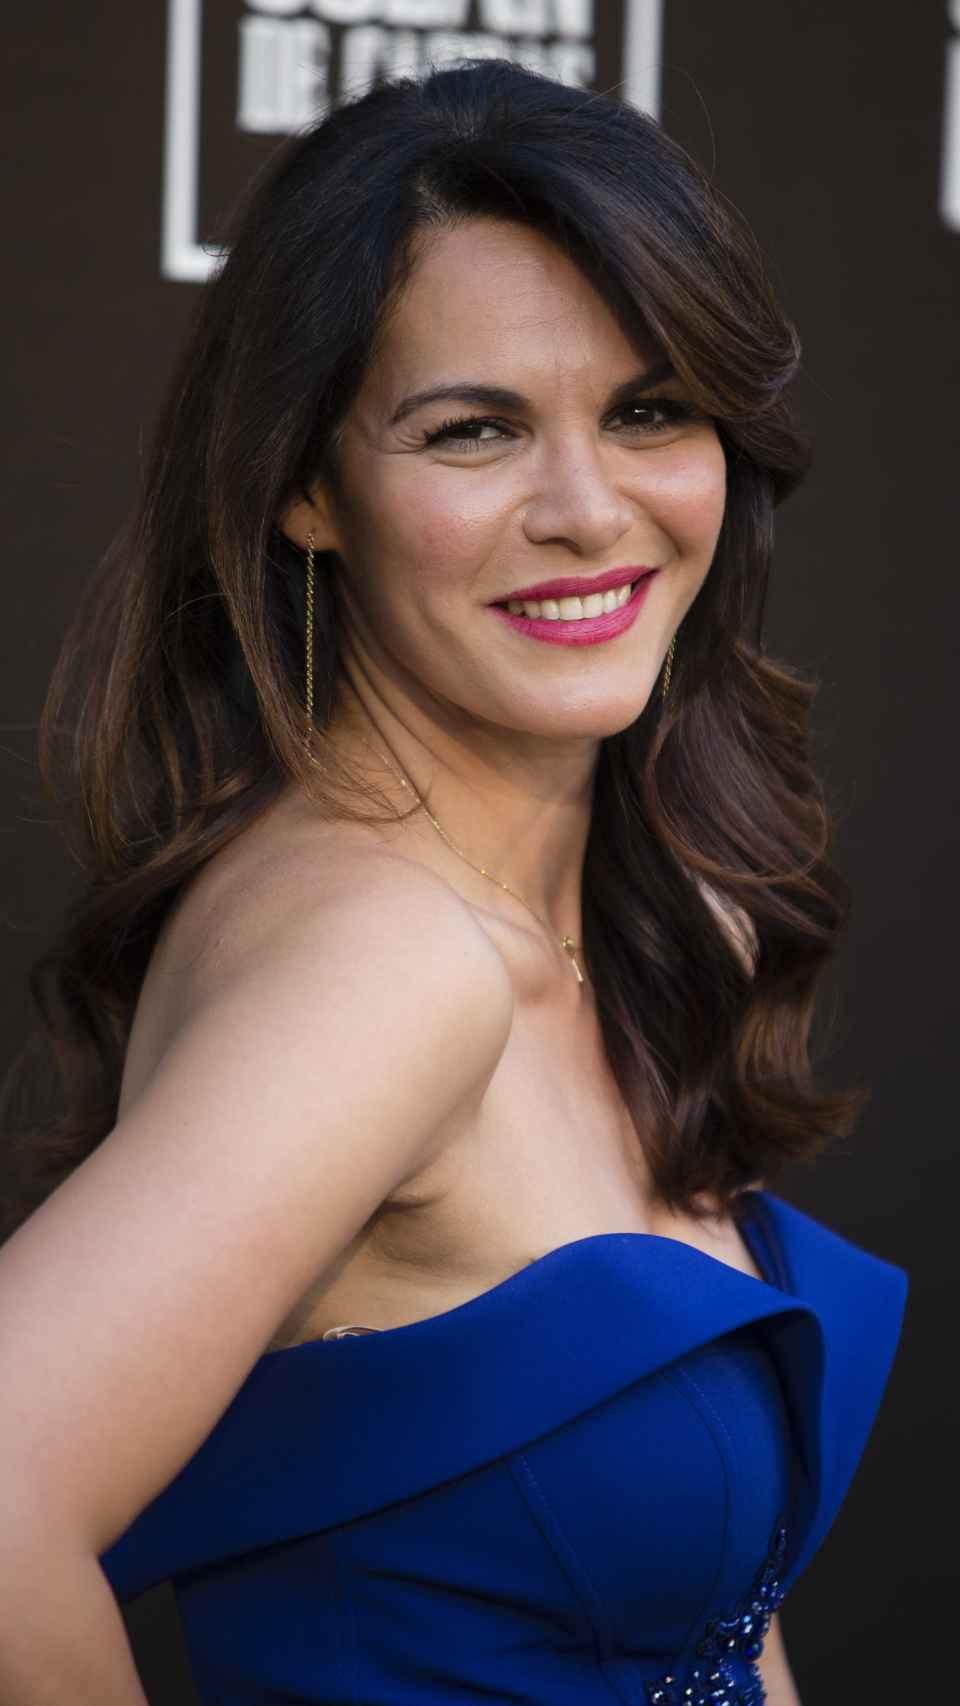 Fabiola Martínez en una imagen de archivo.